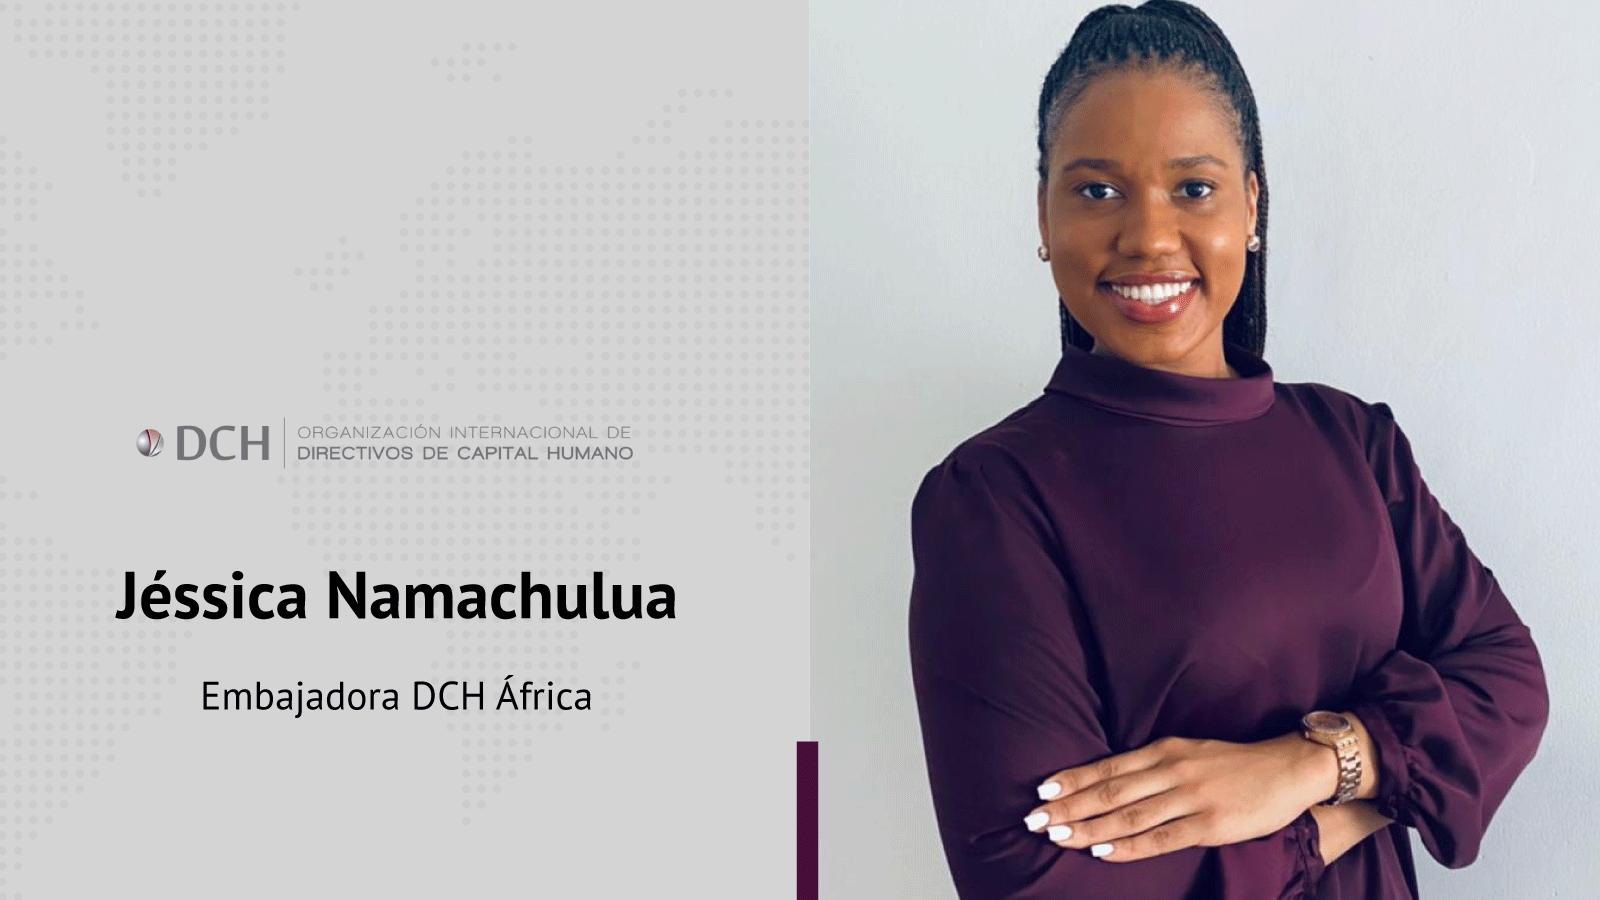 Embajadora de DCH en Africa